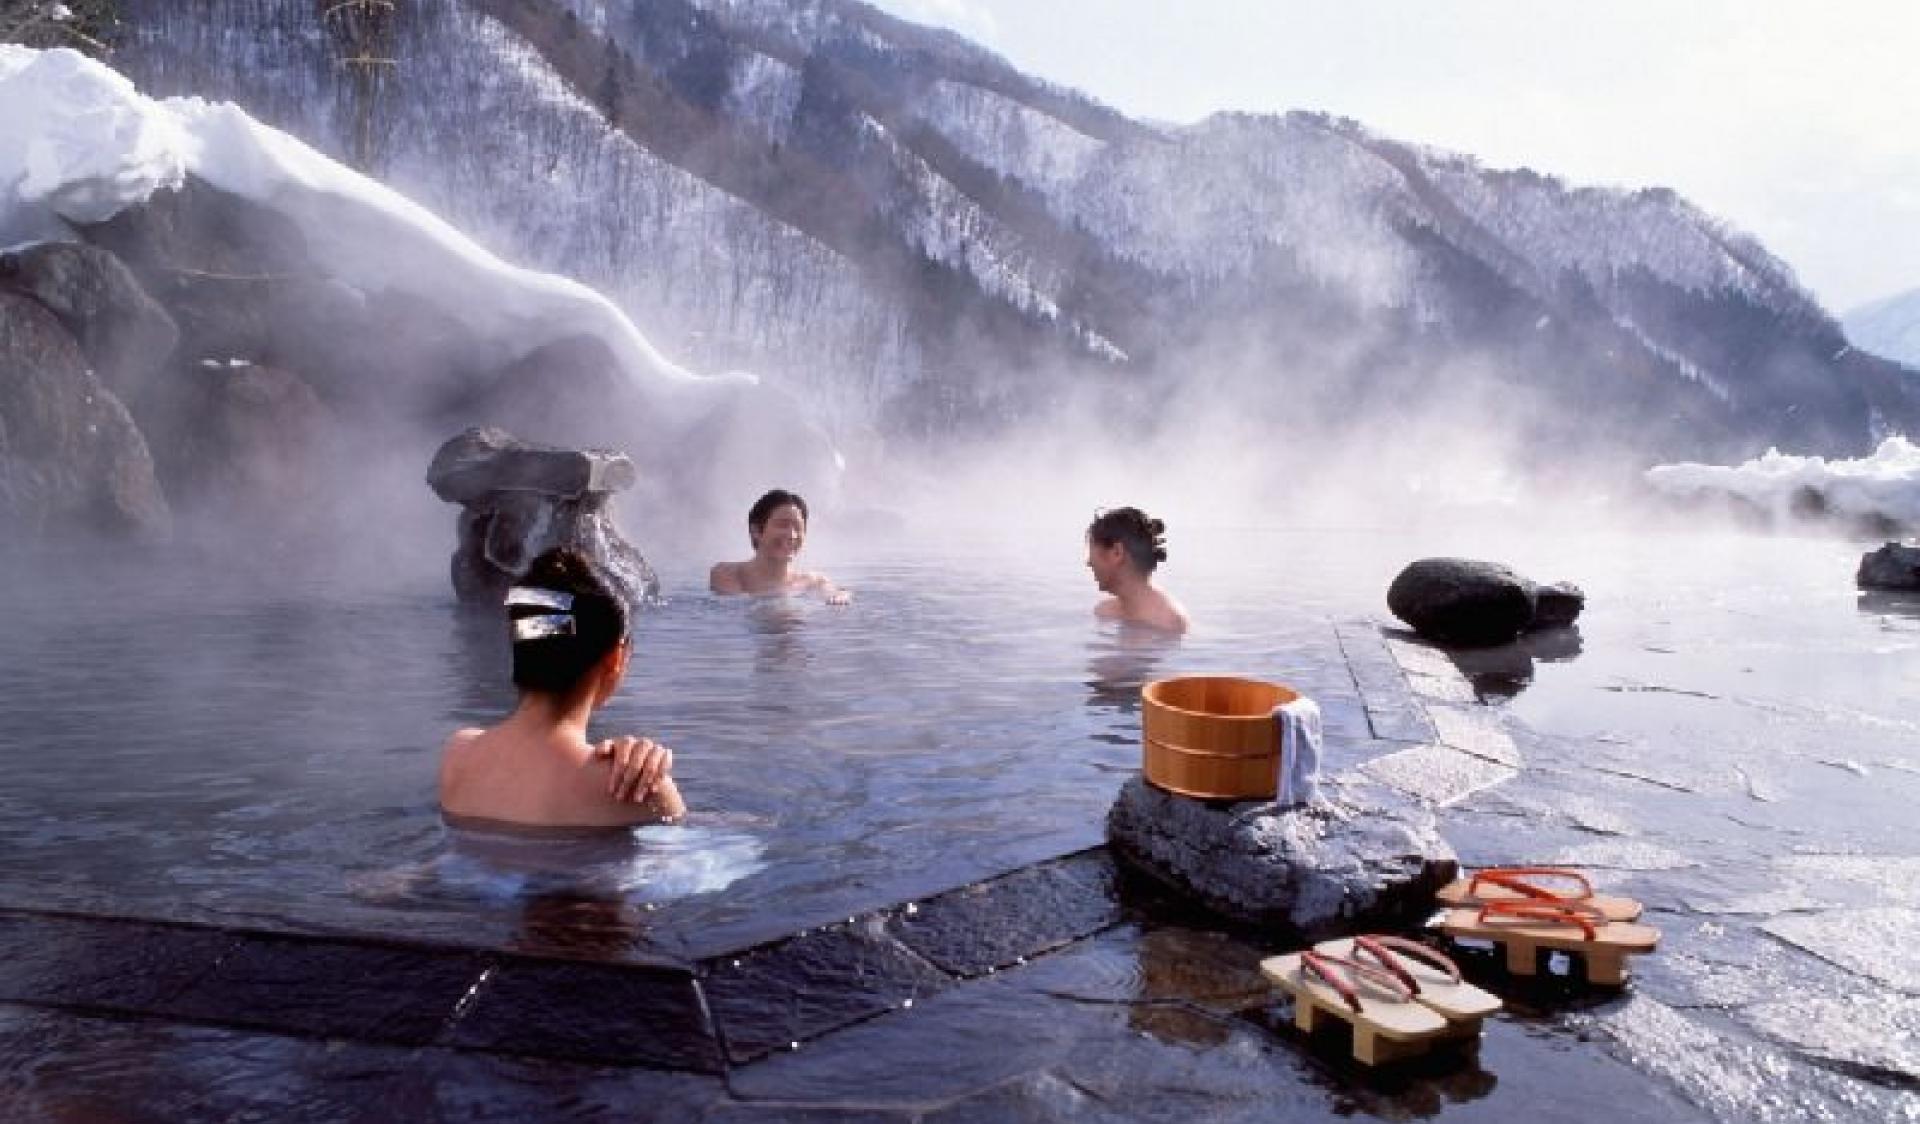 Bagno Giapponese Benessere : Bagno giapponese un antico rito di benessere per purificare corpo